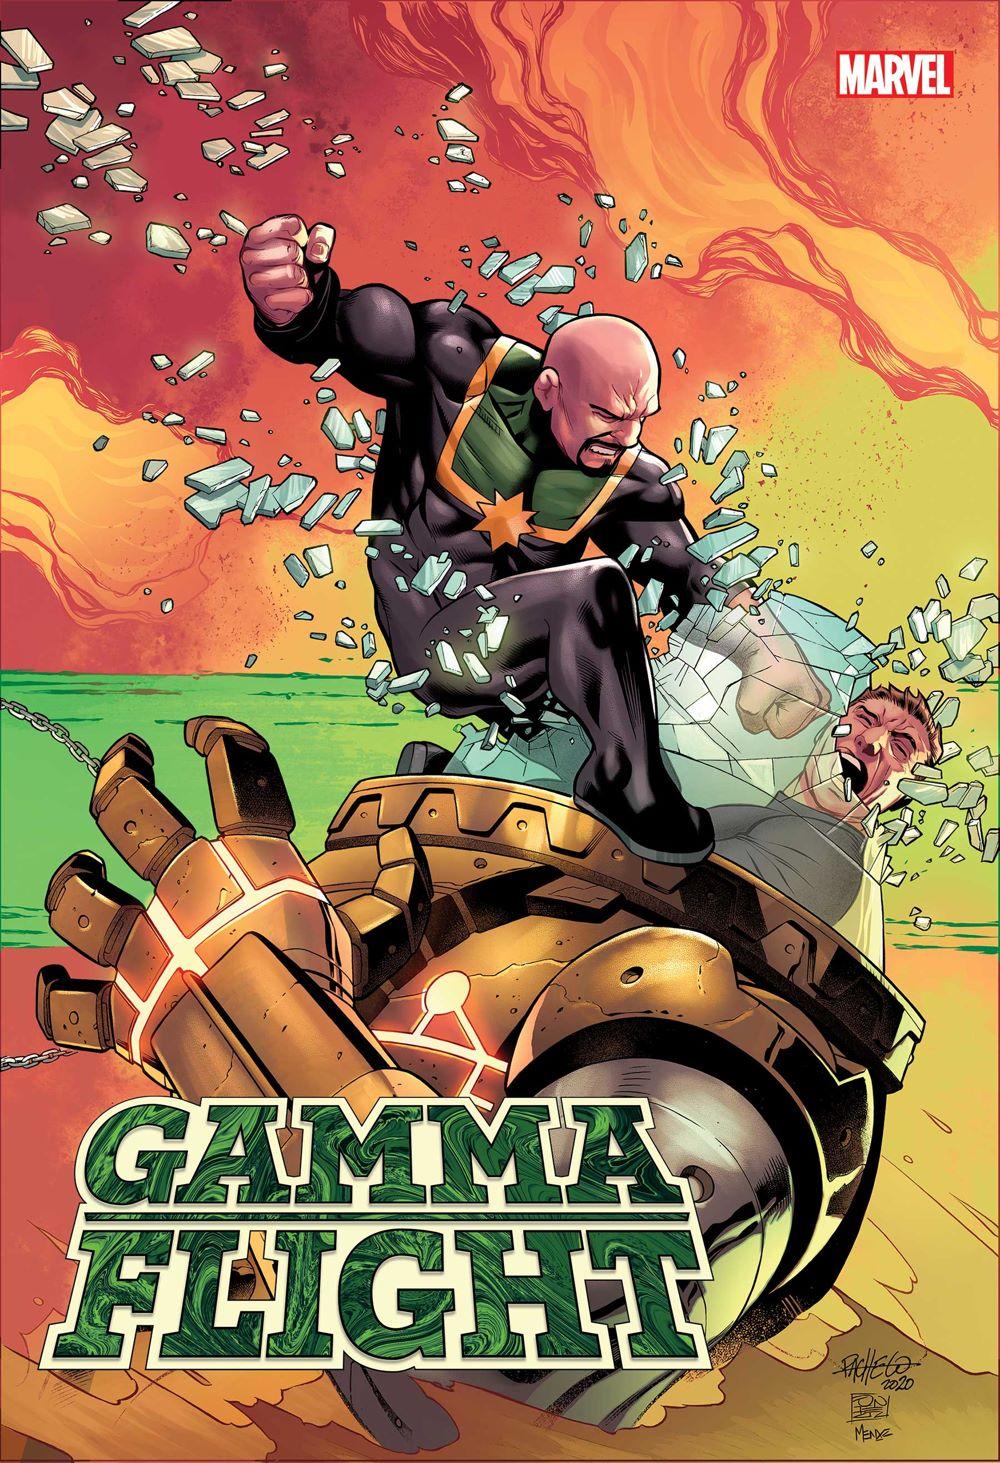 GAMMAFLIGHT2021002_conn_var Marvel Comics June 2021 Solicitations